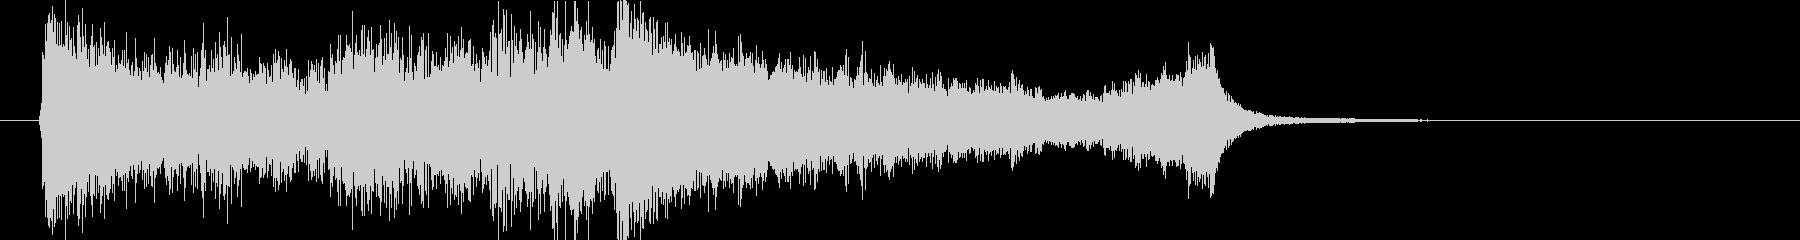 壮大、感動のオーケストラOPジングルcの未再生の波形